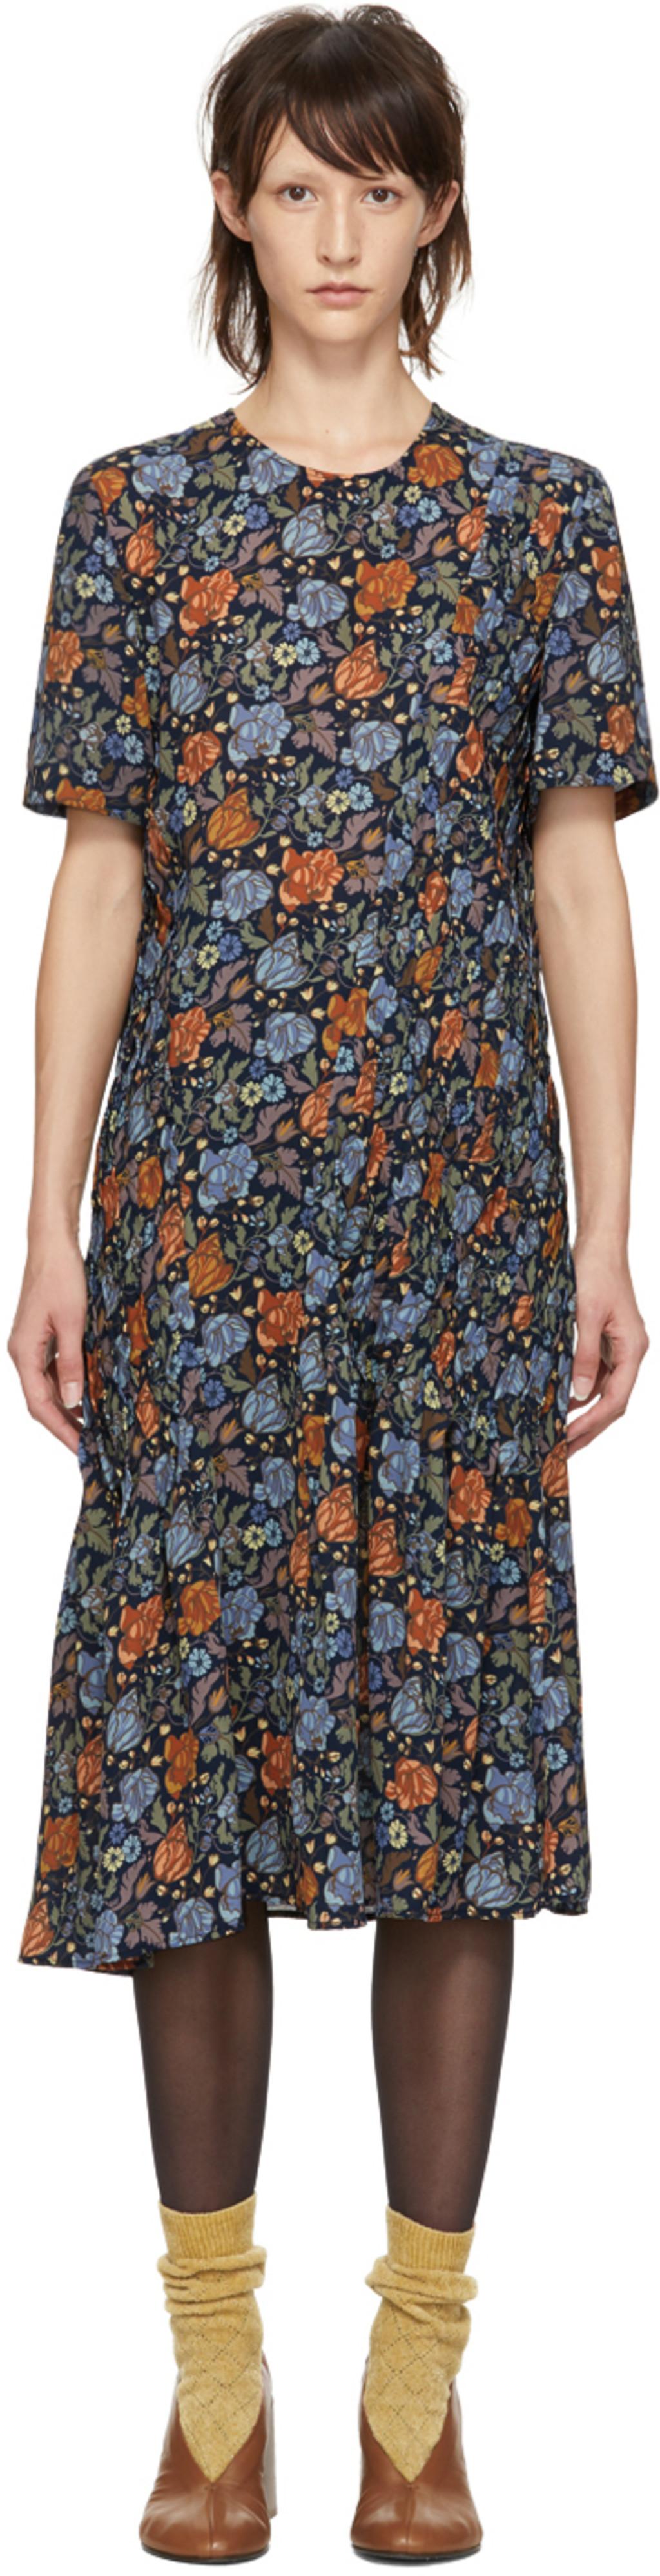 Designer dresses for Women   SSENSE